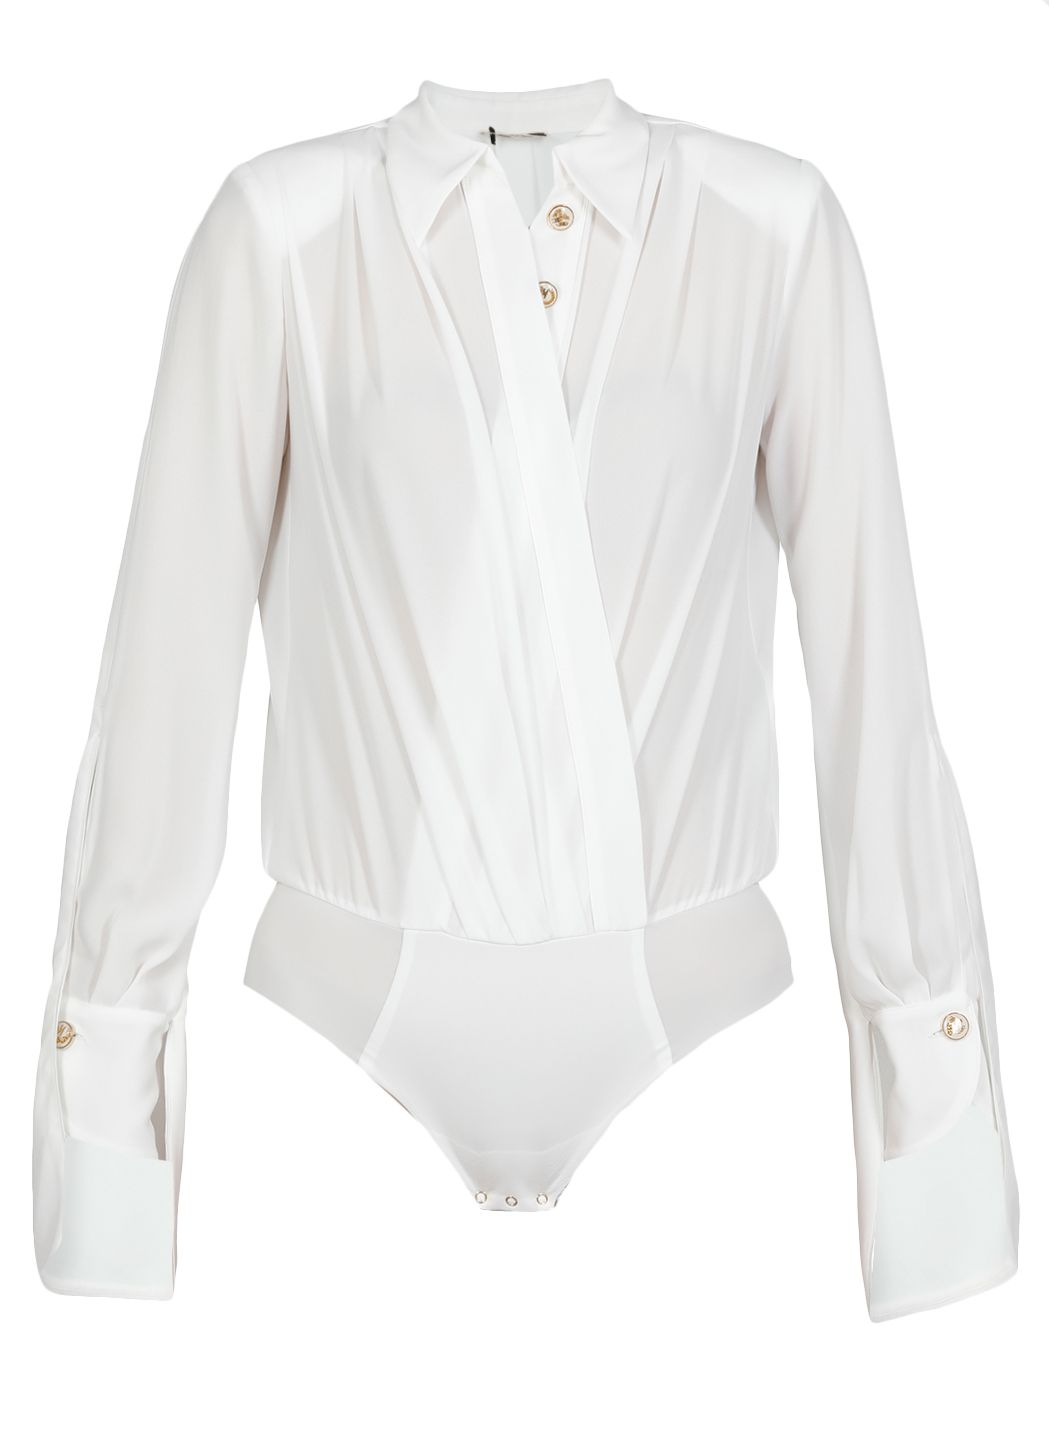 Georgette body shirt